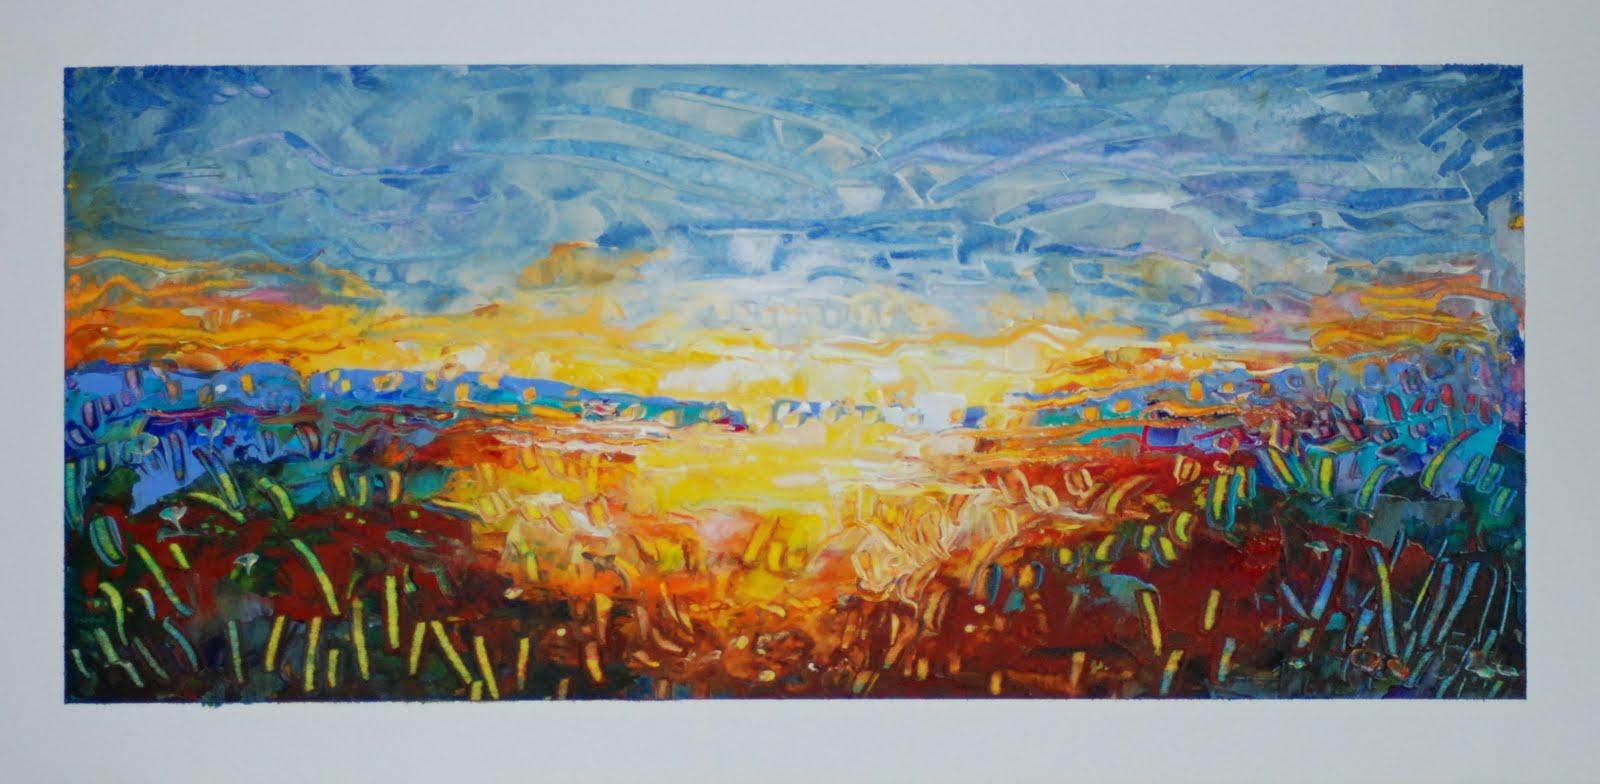 Vicki Wood JD Landscape Painting Mississippi Delta